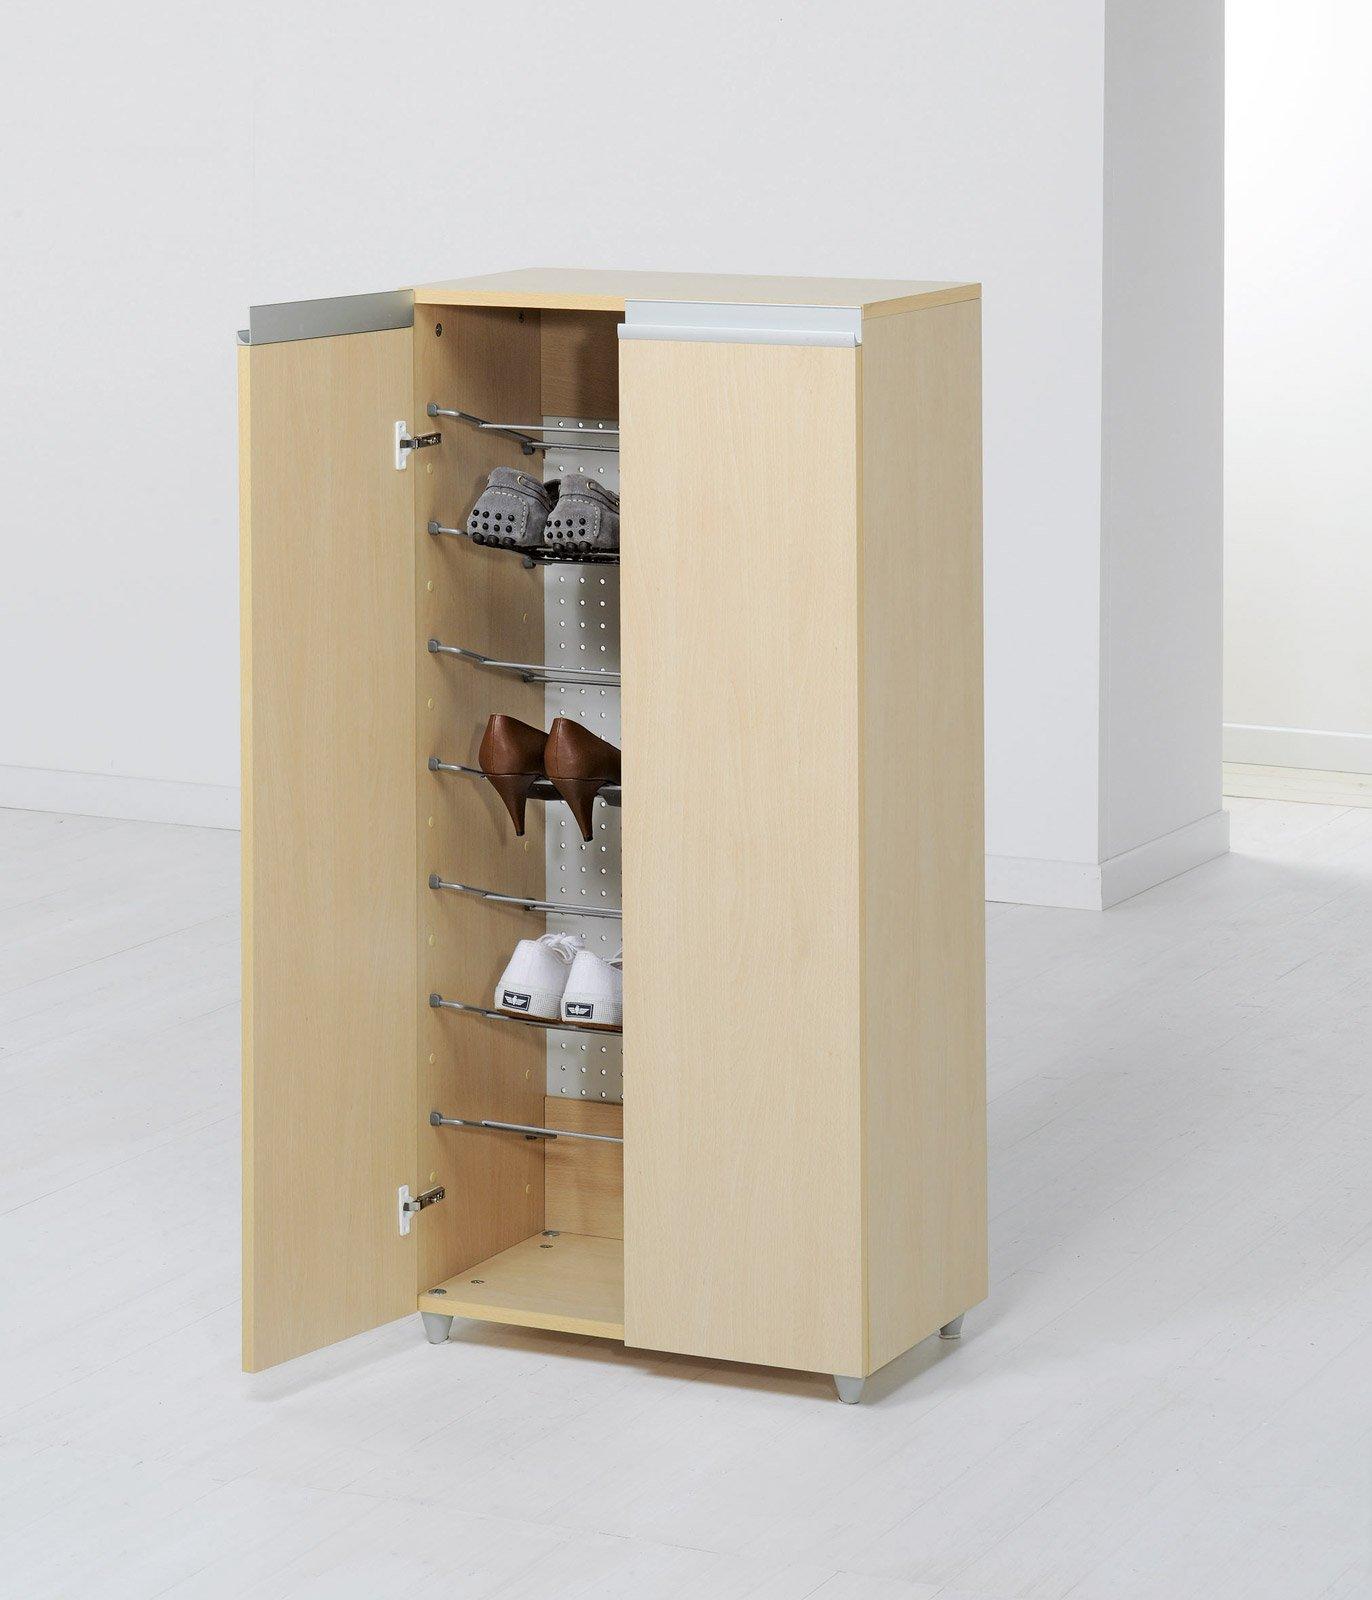 Scarpiere Slim Modulari E Salvaspazio Cose Di Casa #3A2B1E 1372 1600 Tavoli Di Plastica Mercatone Uno